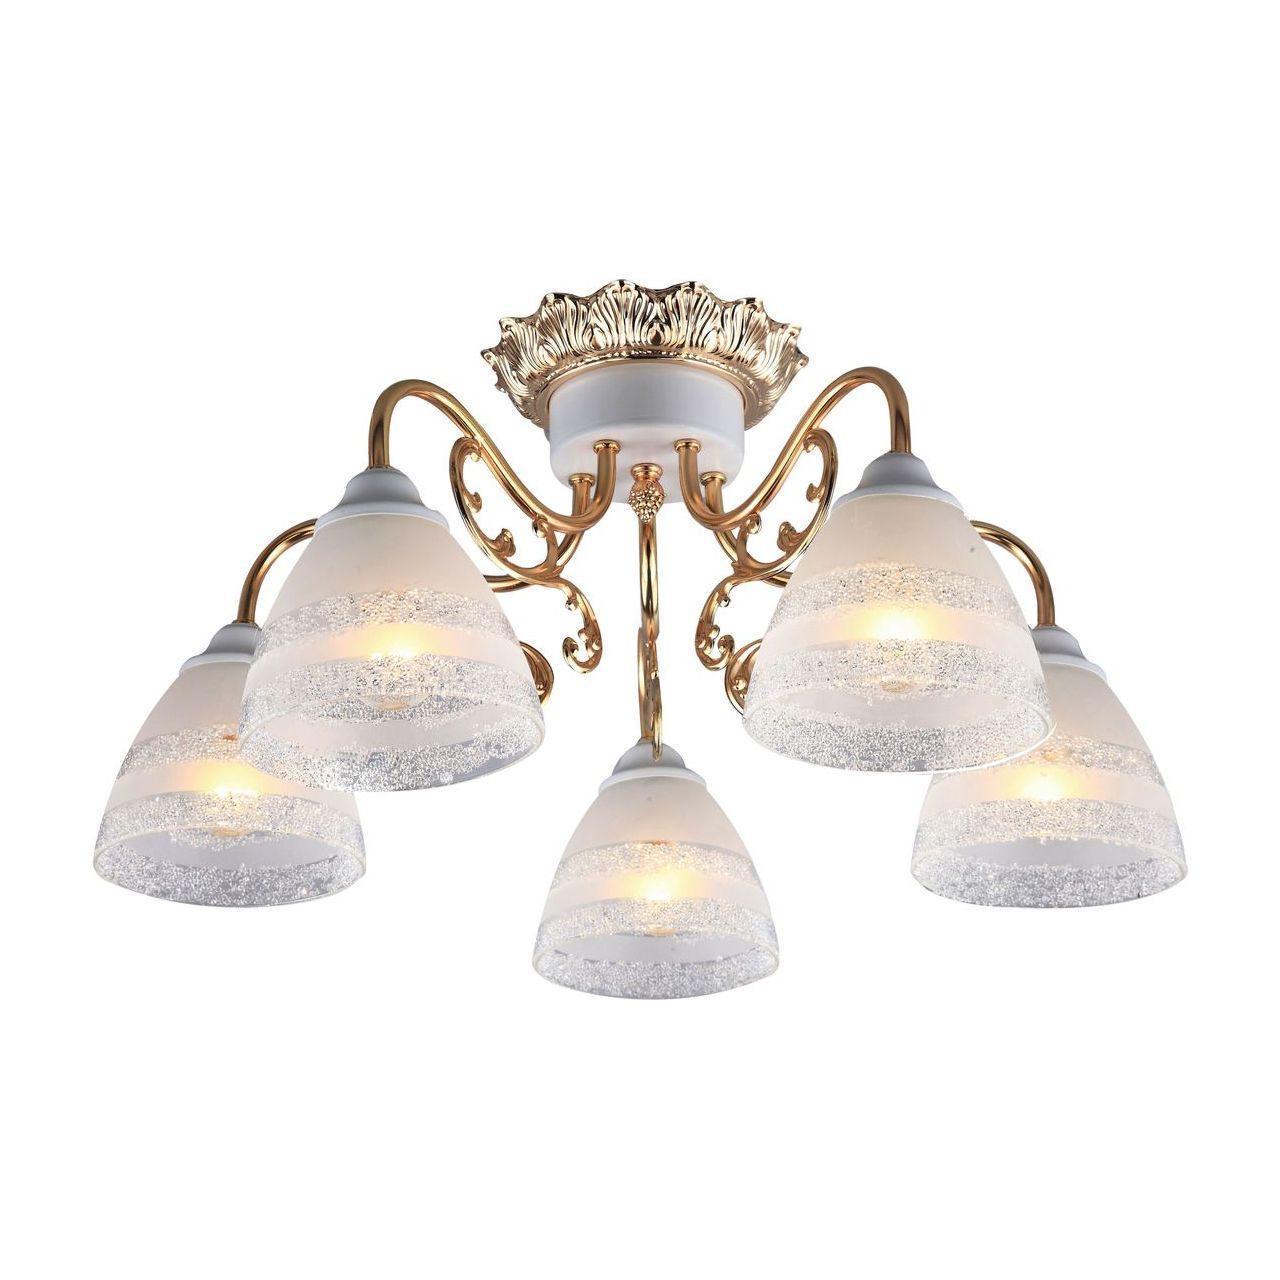 купить Люстра Arte Lamp A7072PL-5WG потолочная по цене 6300 рублей